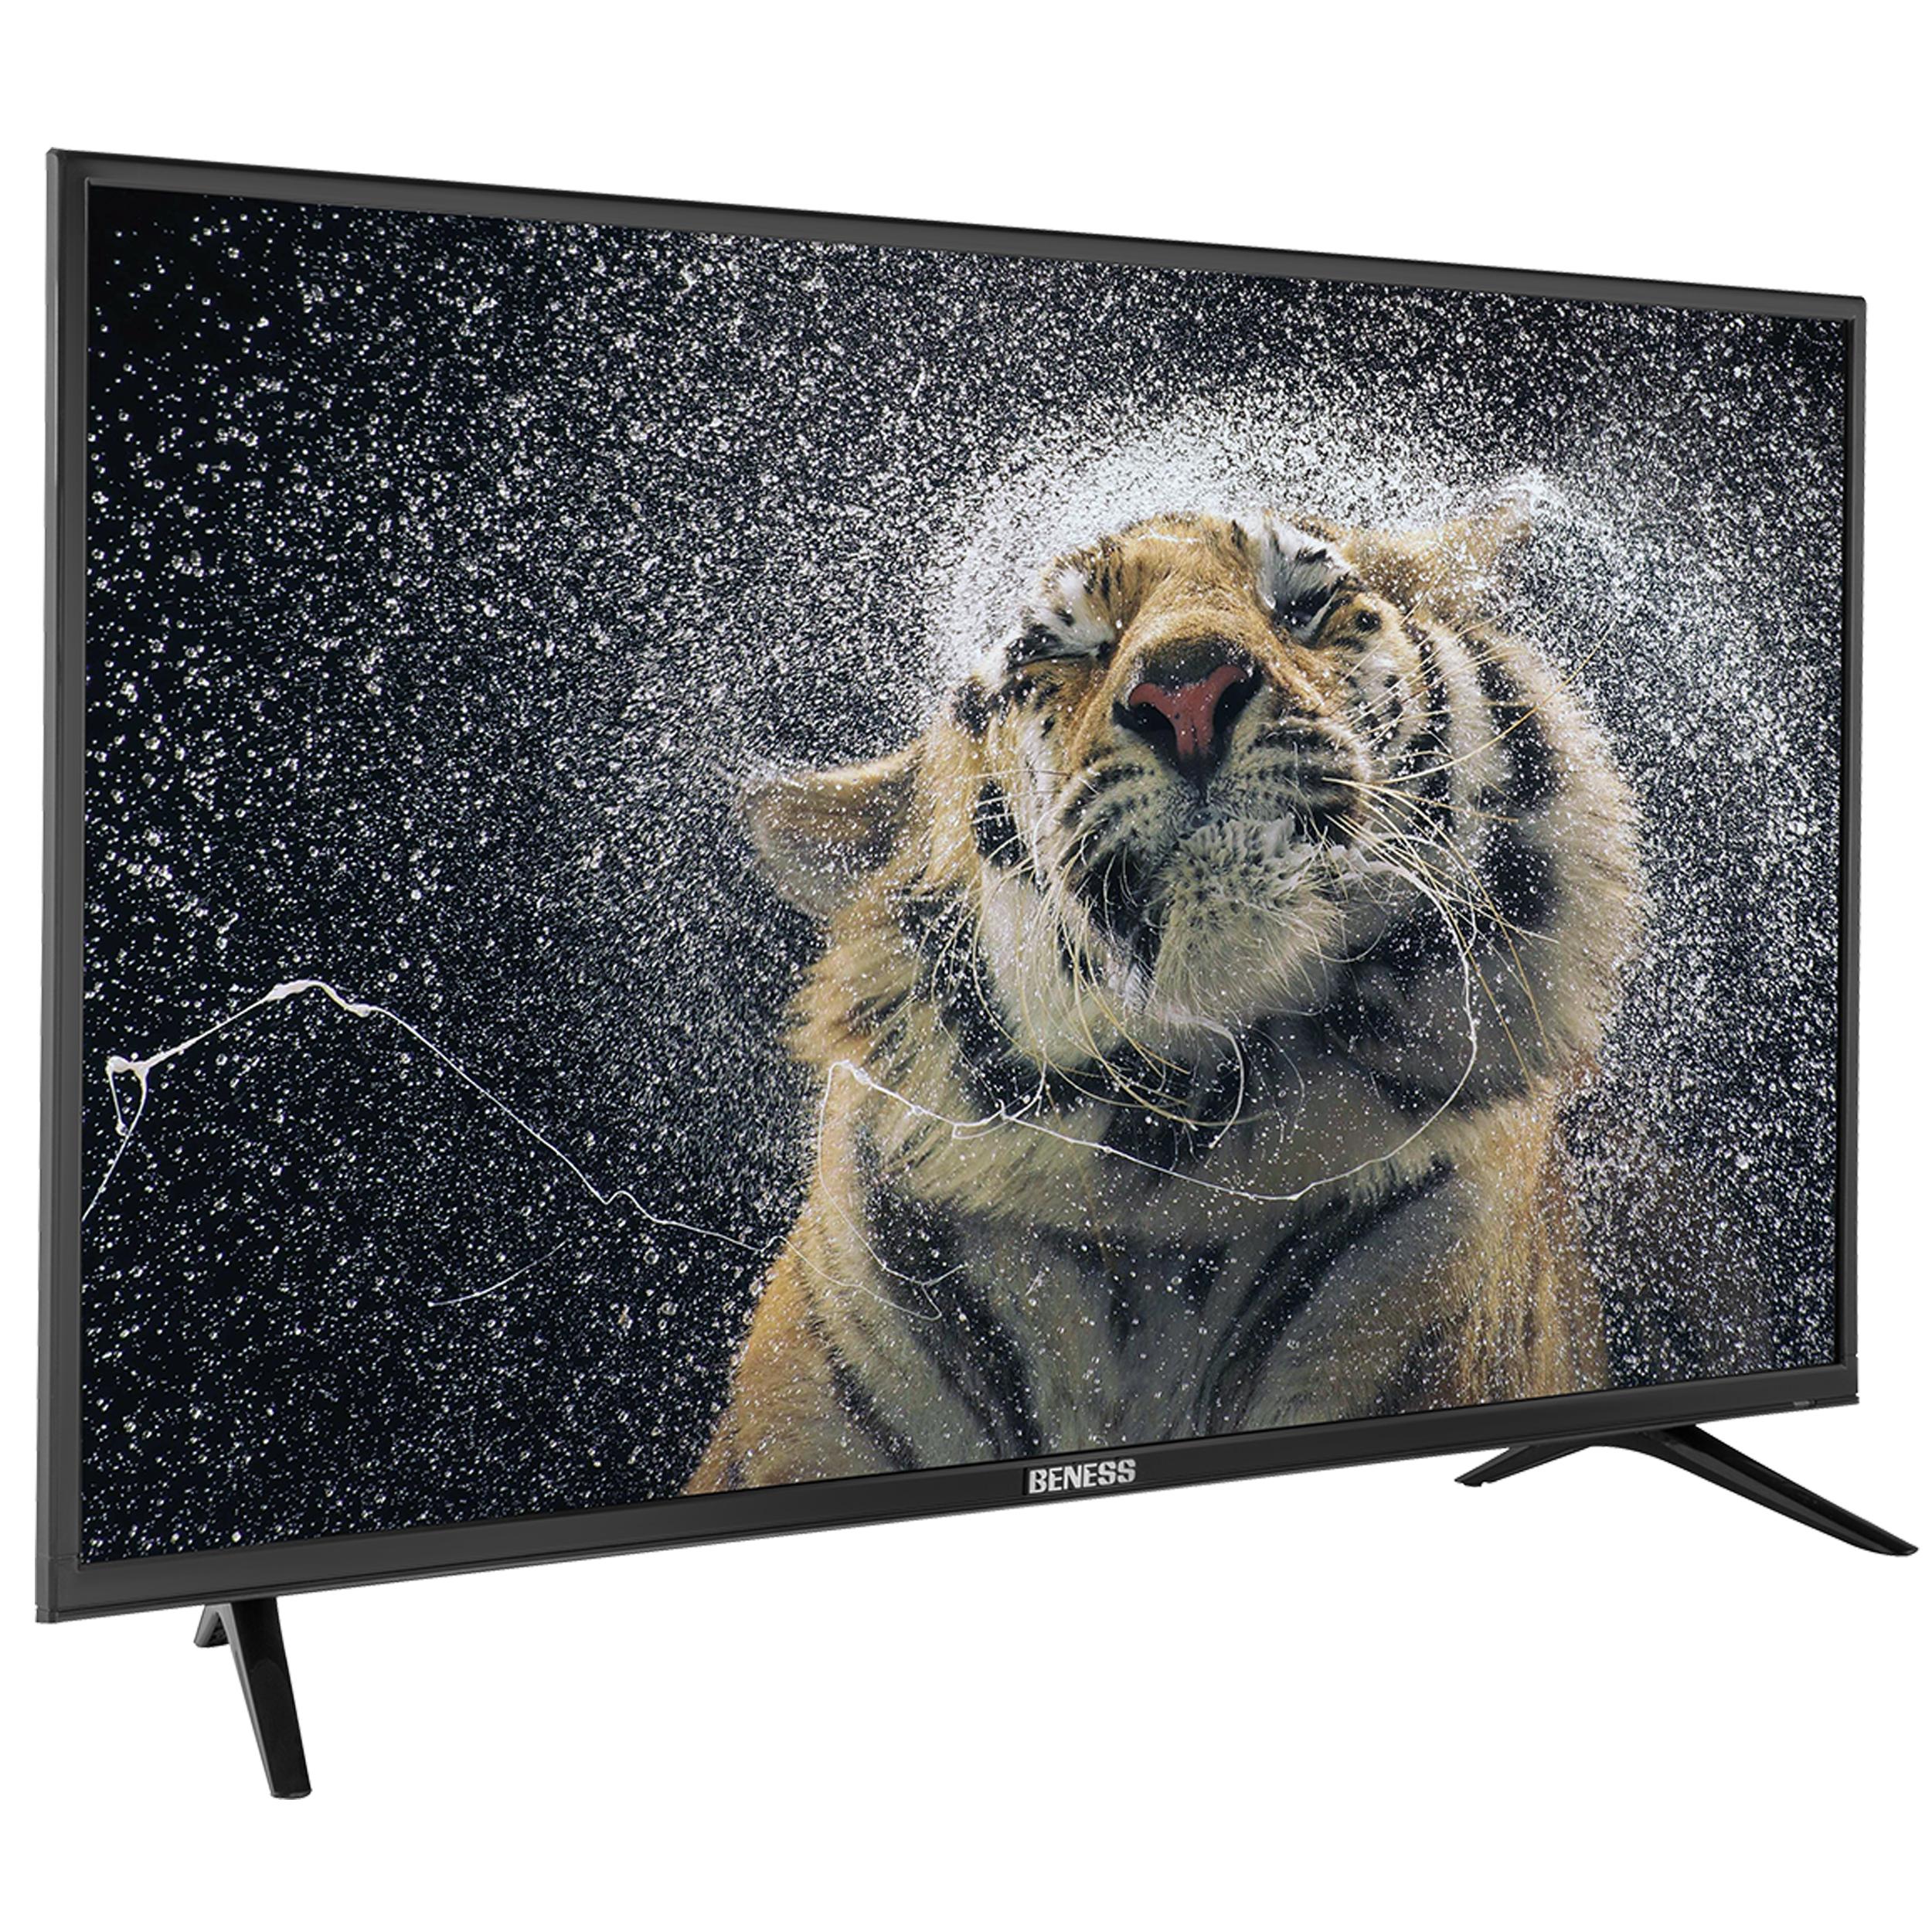 خرید اینترنتی تلویزیون ال ای دی بنس مدل BS-4380-FB سایز 43 اینچ اورجینال